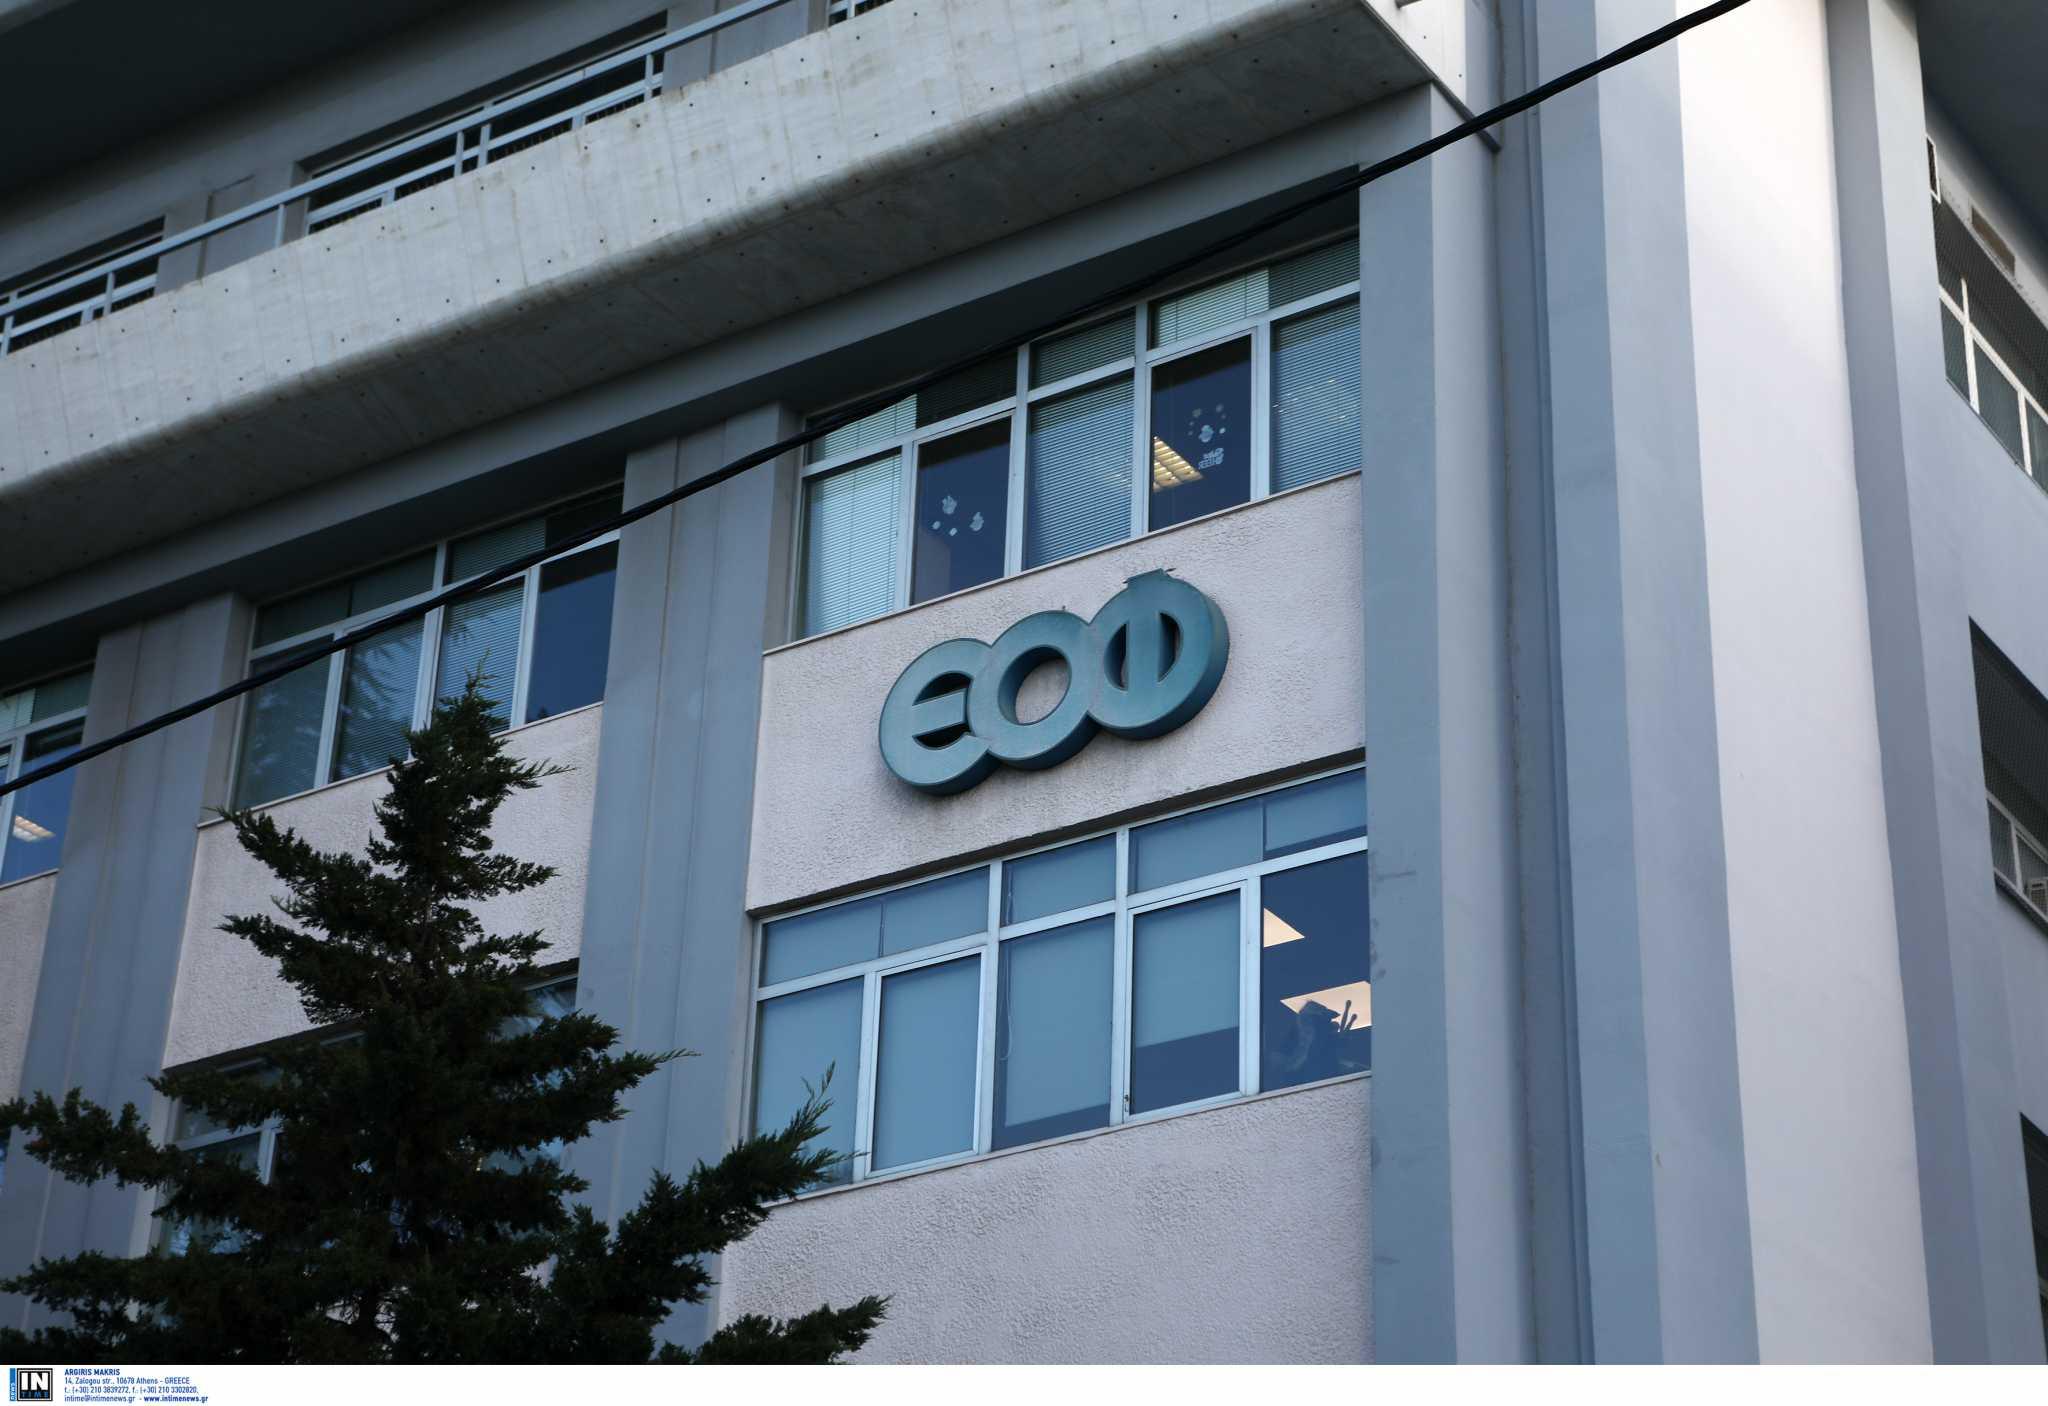 Ο ΕΟΦ ανακαλεί κρέμα για δερματικές παθήσεις